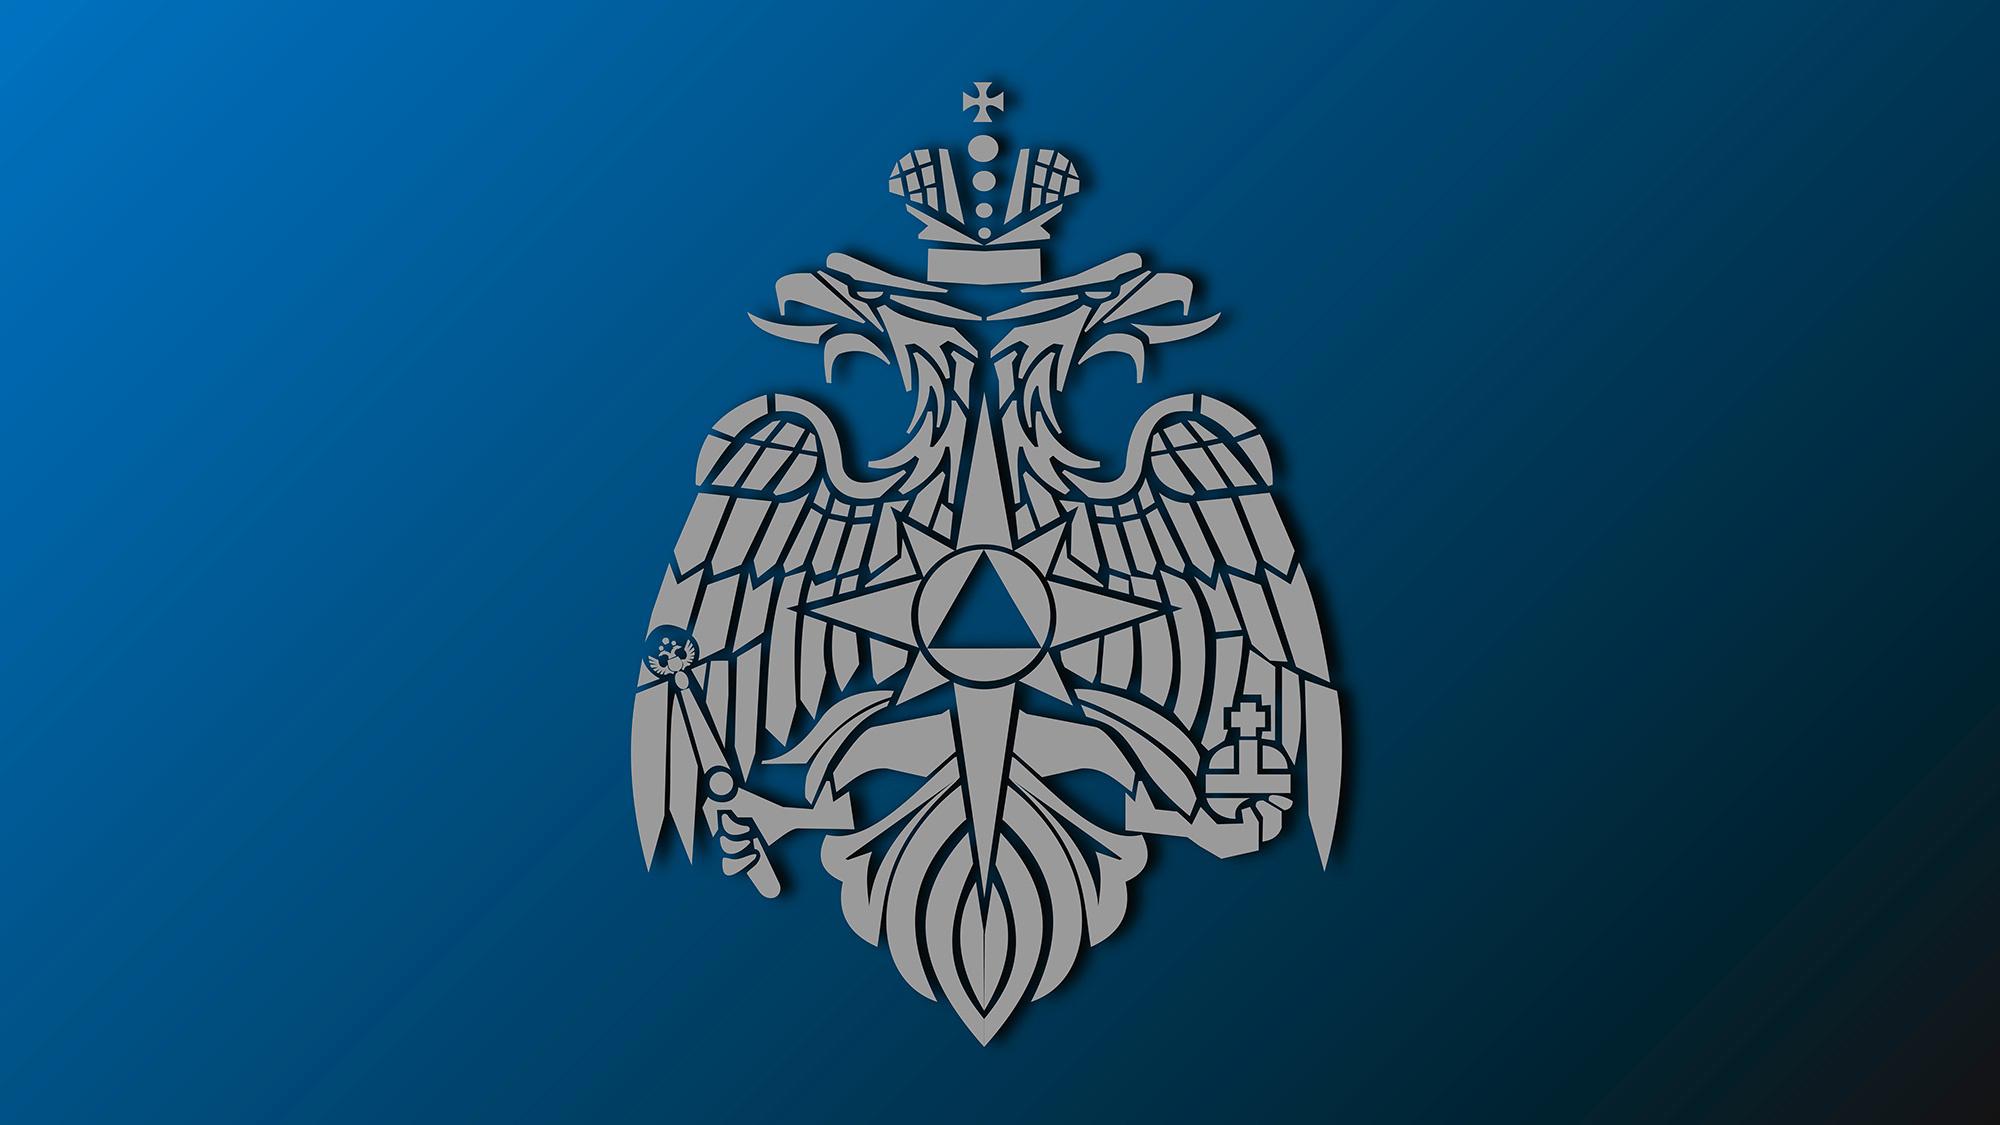 Нарушение холодного водоснабжения в Первомайском районе г.Кирова